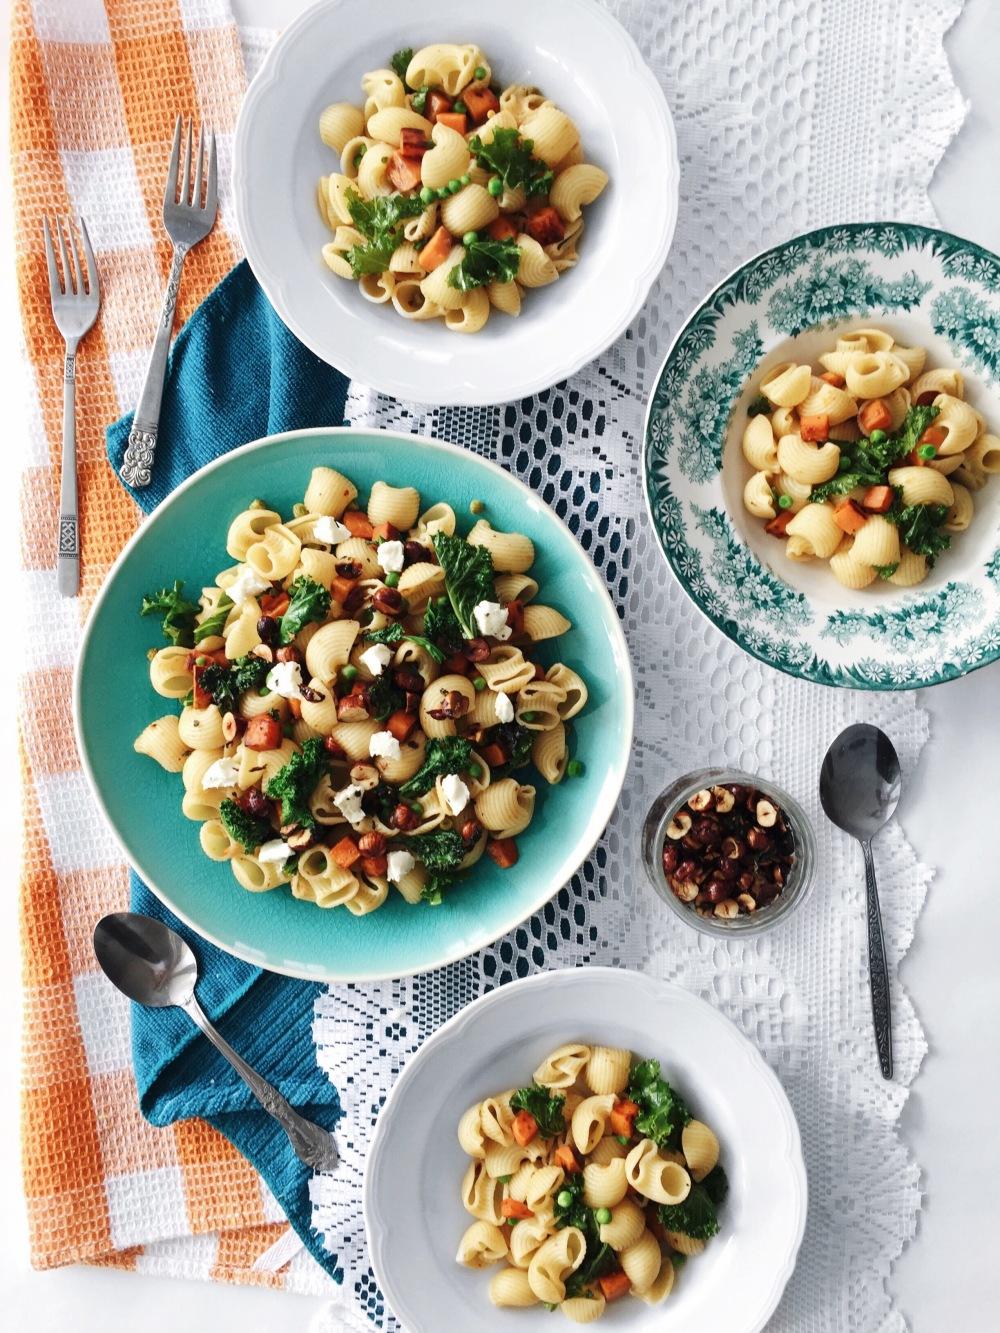 pâtes à la patate douce, au kale, aux petits pois, au fromage de chèvre, aux noisettes et à la sauge croustillante